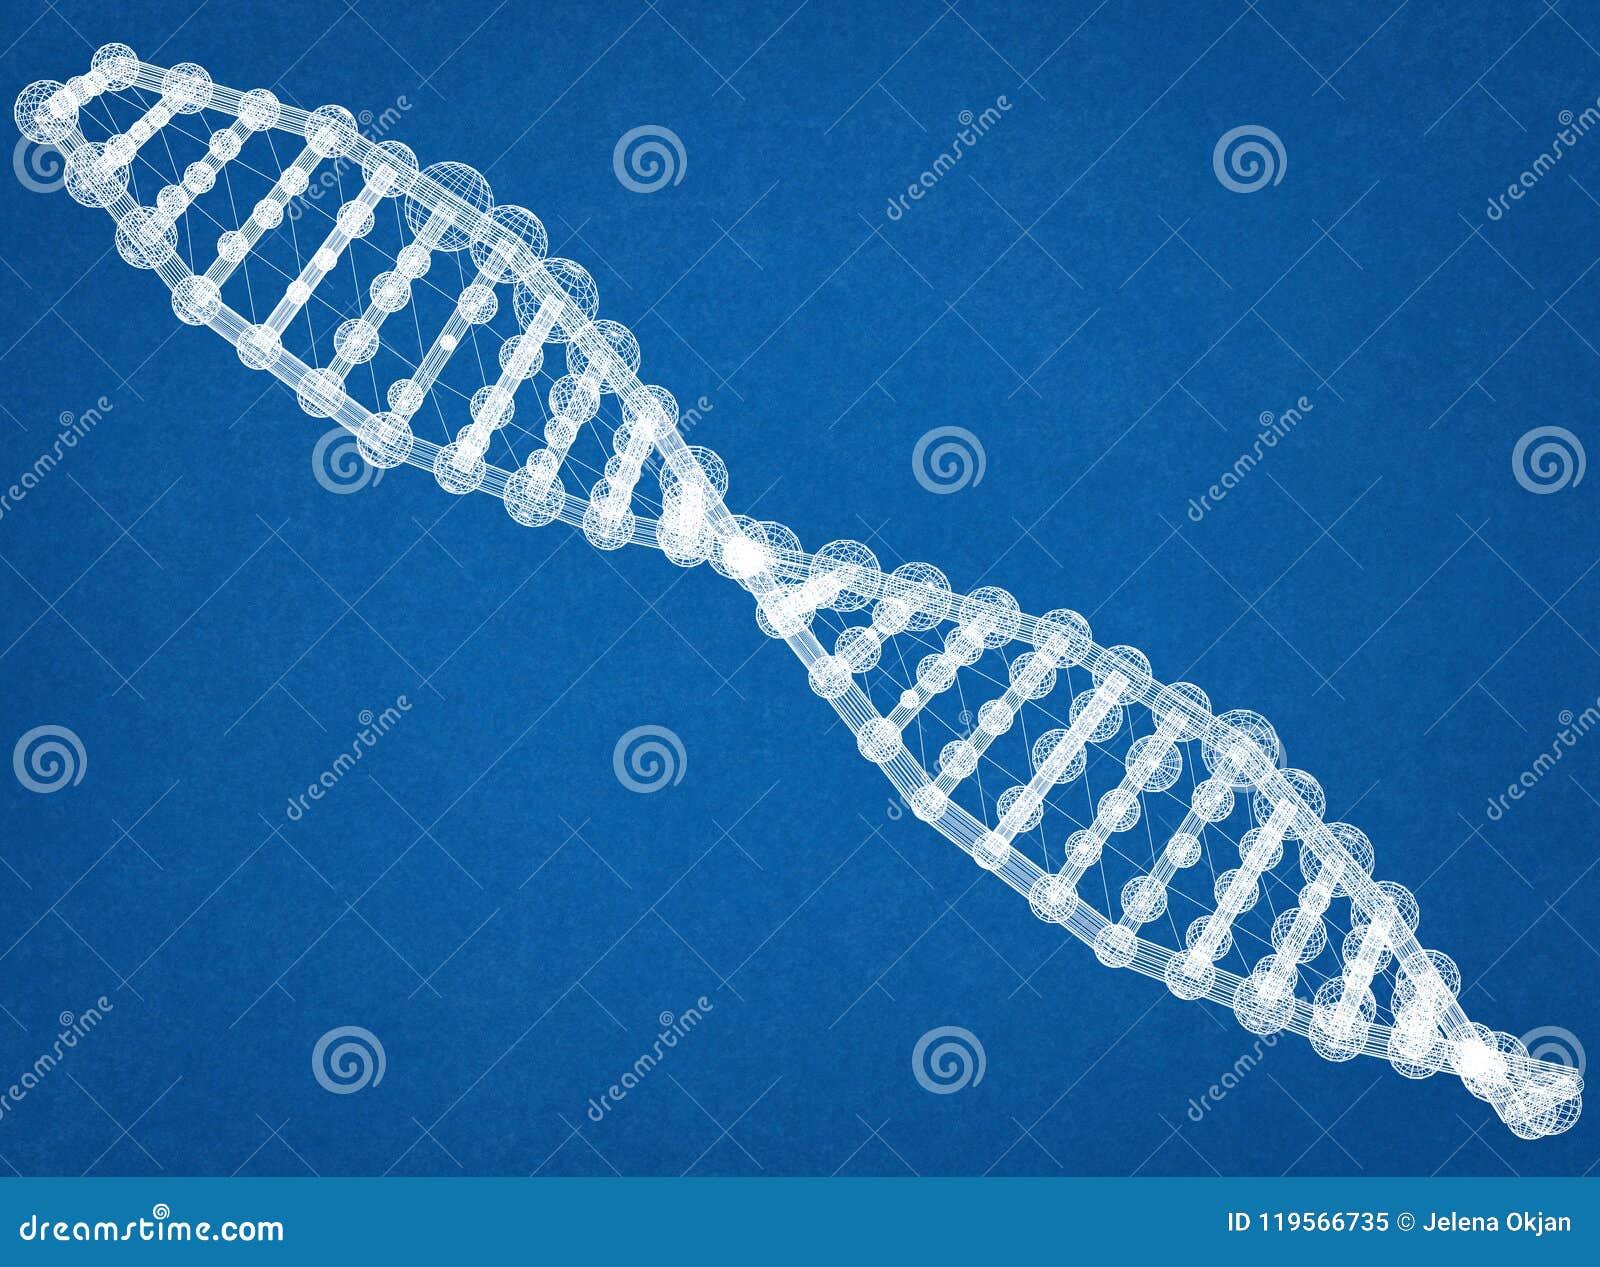 DNA Architect Blueprint stock image  Image of code, gene - 119566735